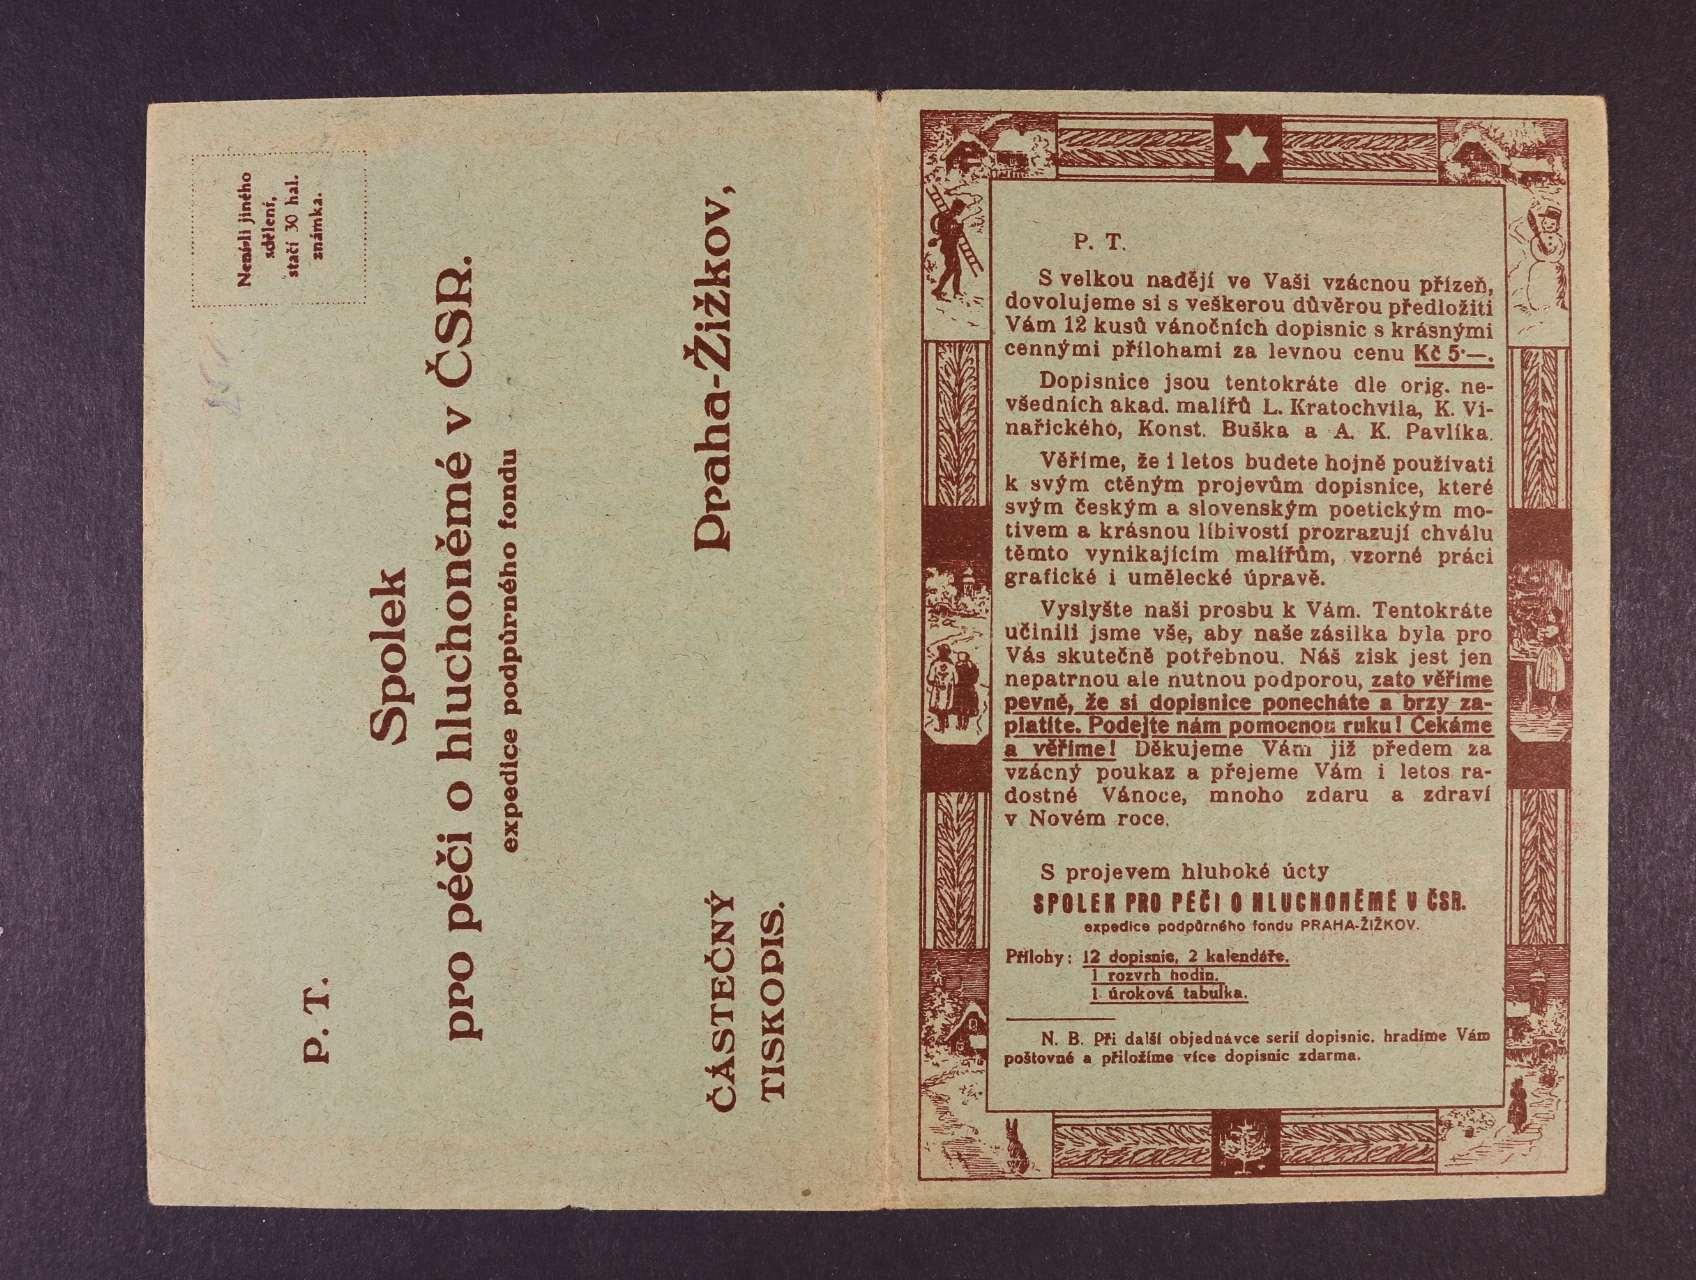 částečný tiskopis Spolku pro péči o hluchoněmé v ČSR s oboustranným reklamním přítiskem, nepoužitý, zajímavé